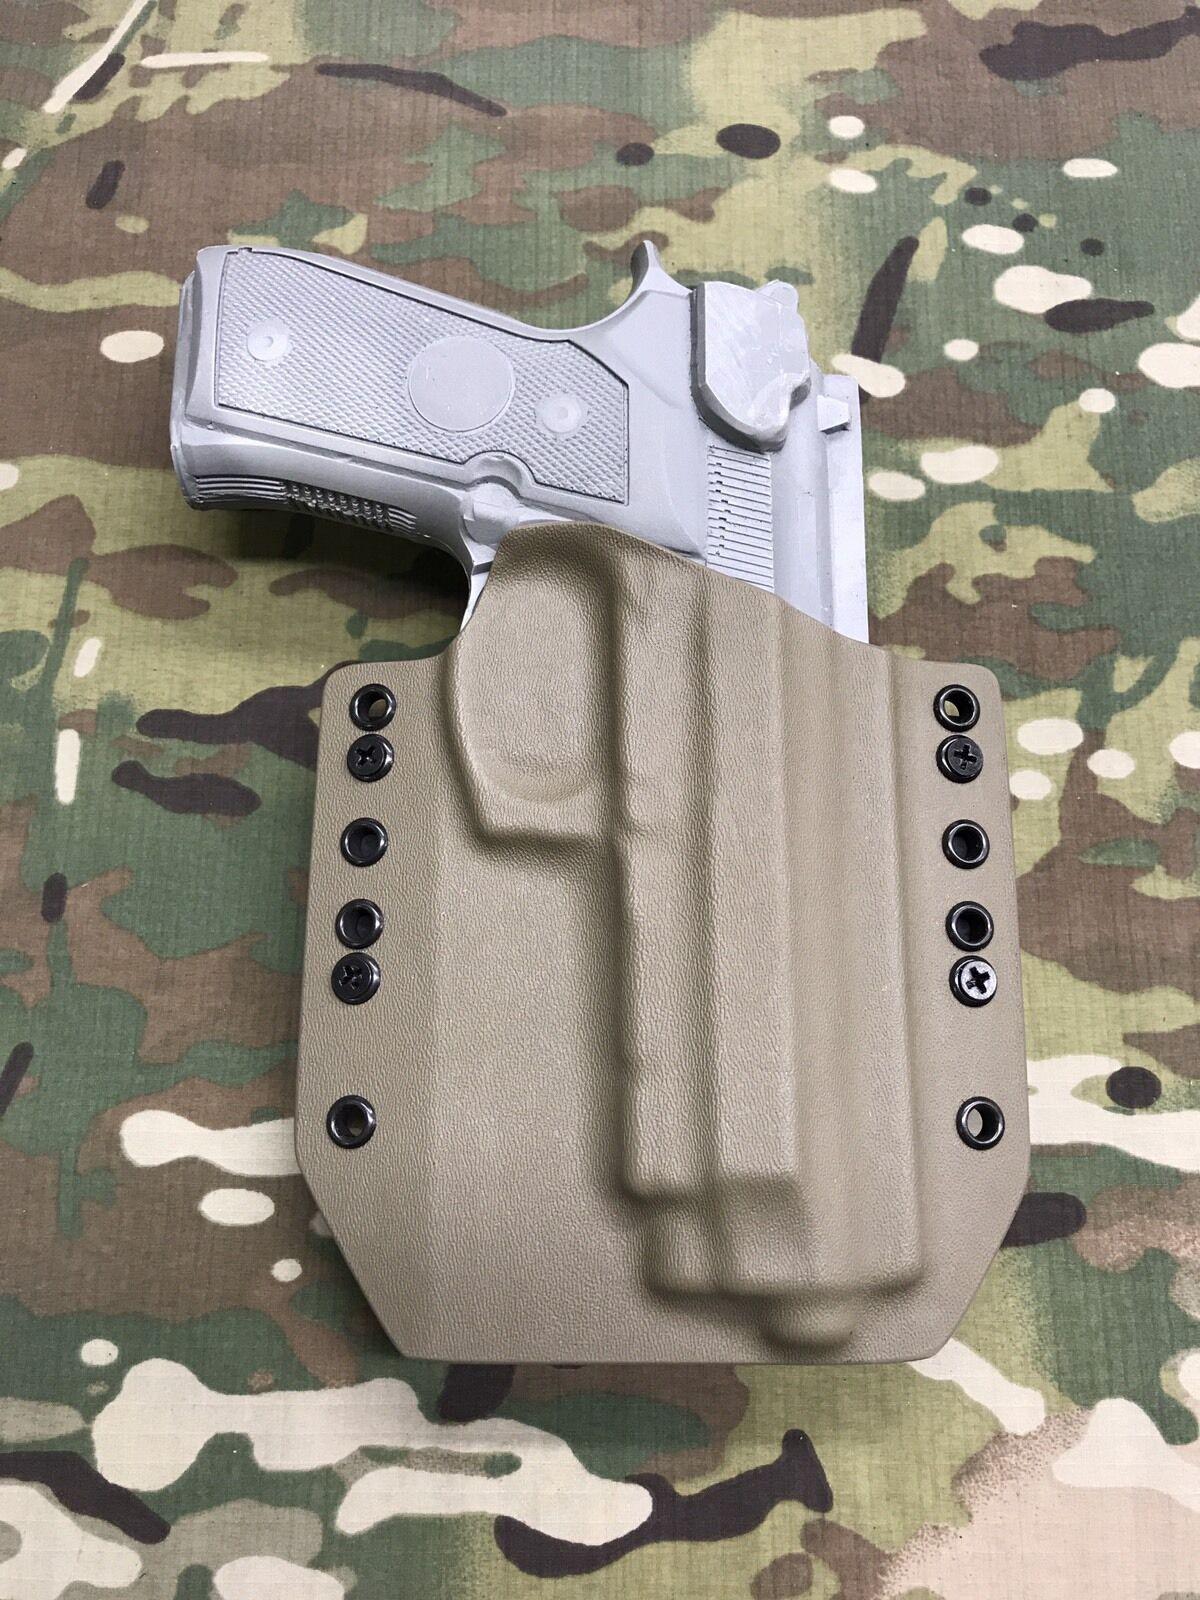 FDE Kydex Holster for Beretta 92FS Vertec (M9A1)